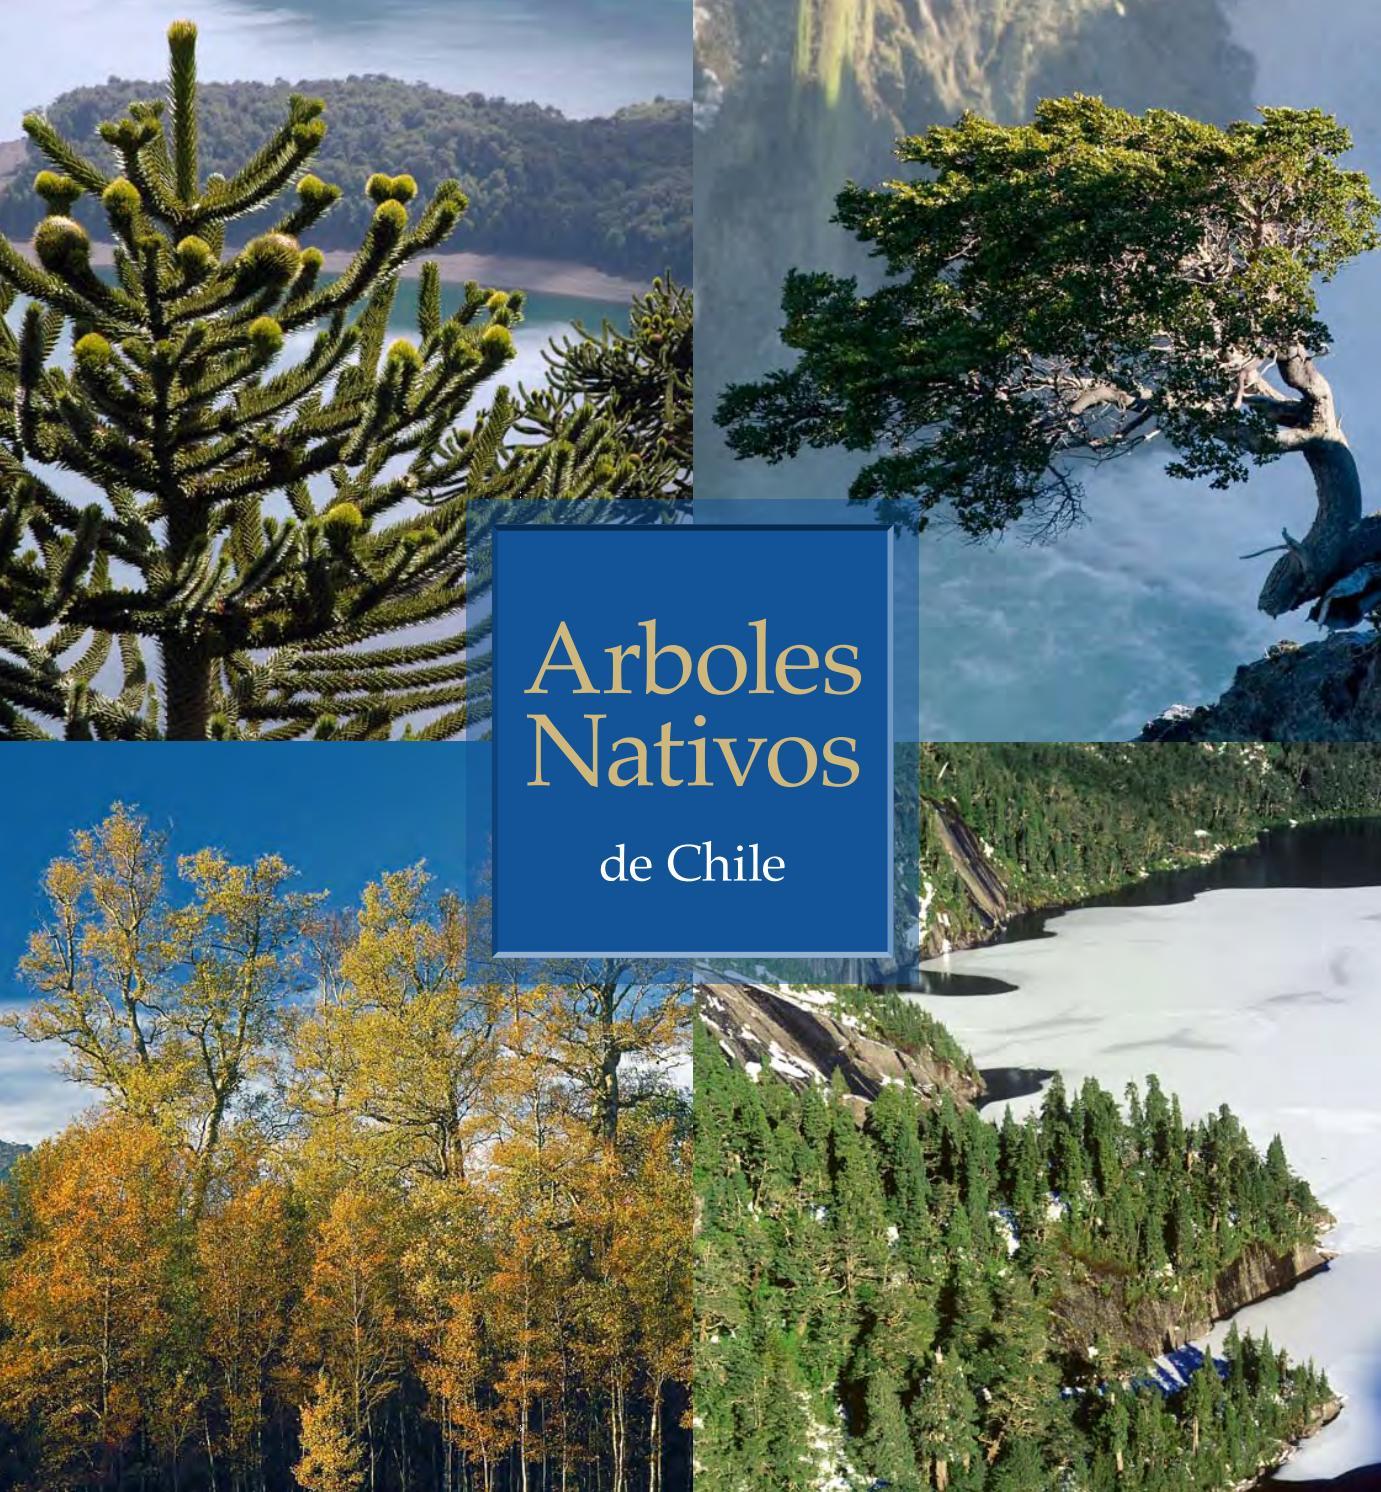 Arboles nativos de chile by direcci n de asuntos for Arboles de hojas perennes en chile